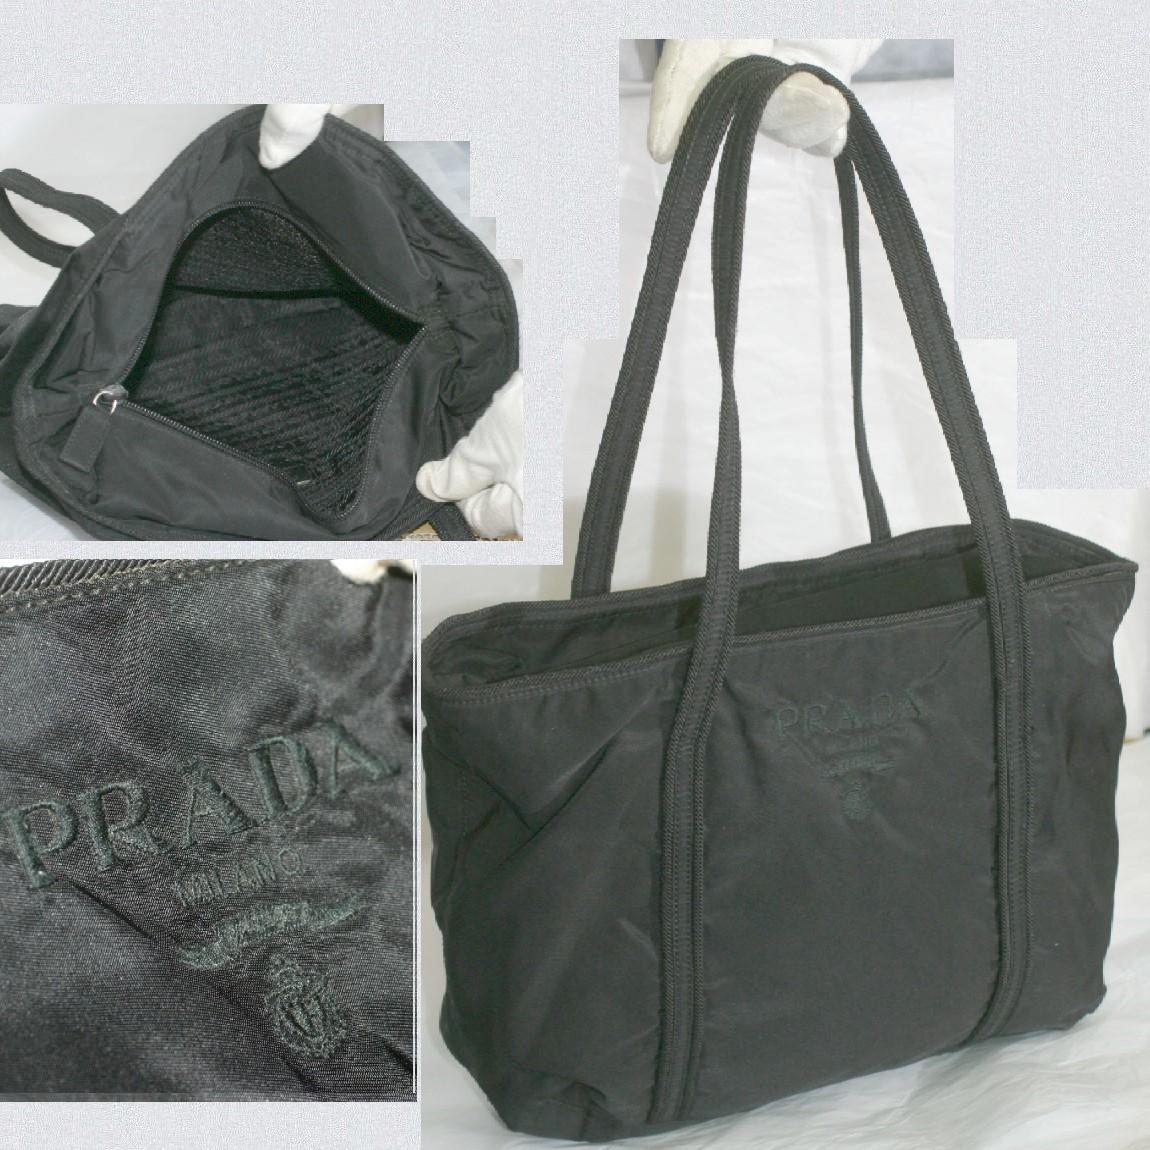 【中古】本物綺麗プラダ女性用ナイロン素材軽いトートバッグ サイズW27H22,5D7,5cm正面にロゴマークが刺繍してます